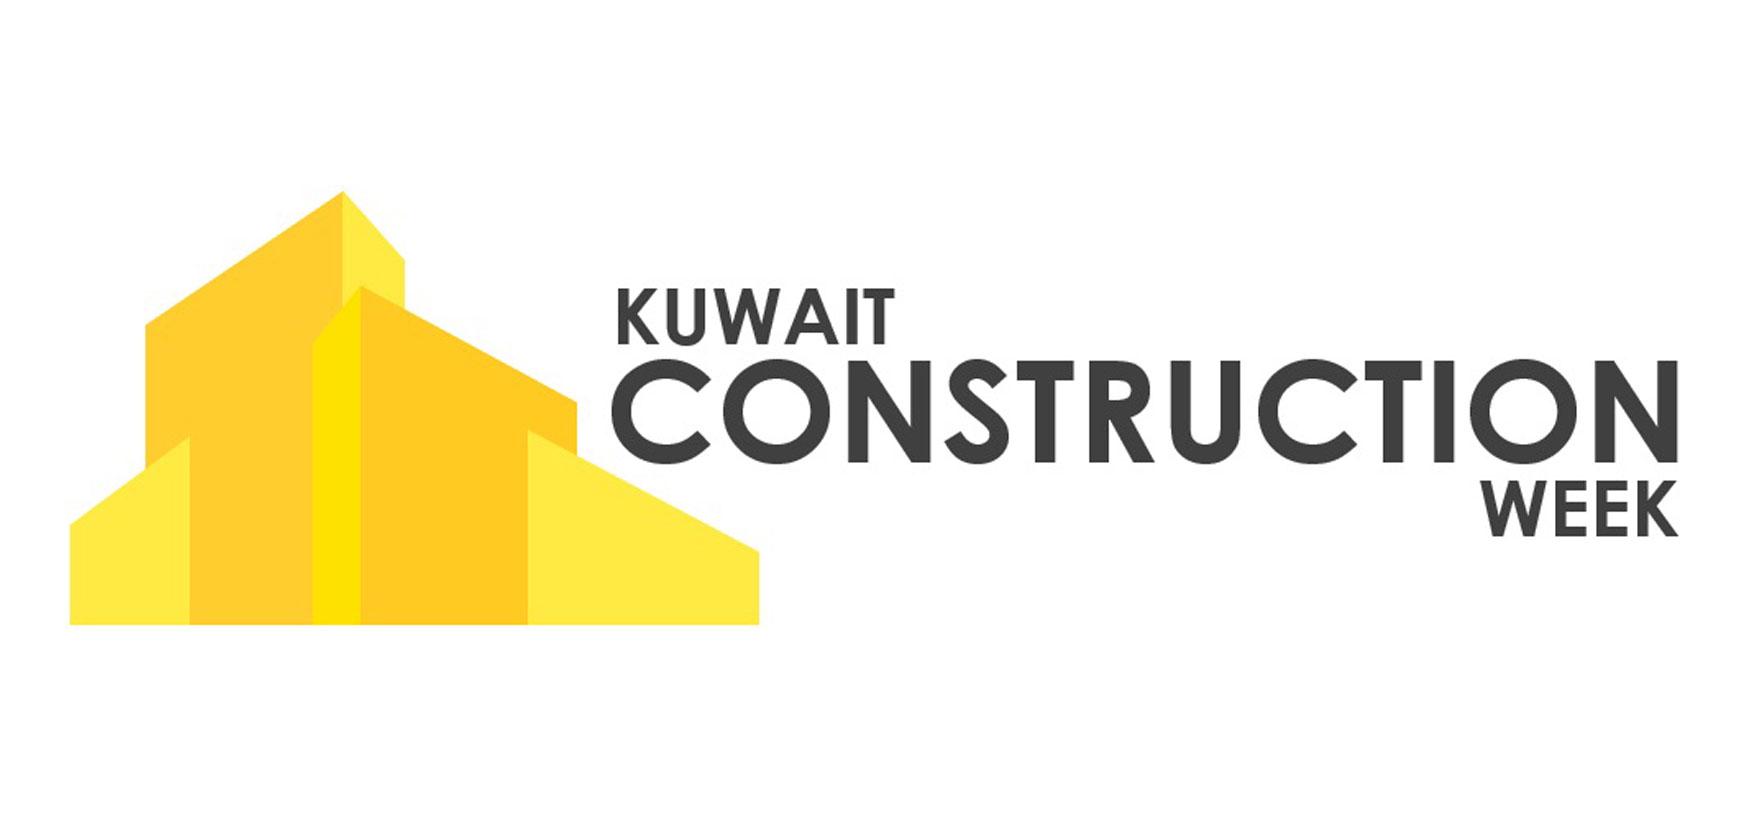 kuwait-construction-week-icon